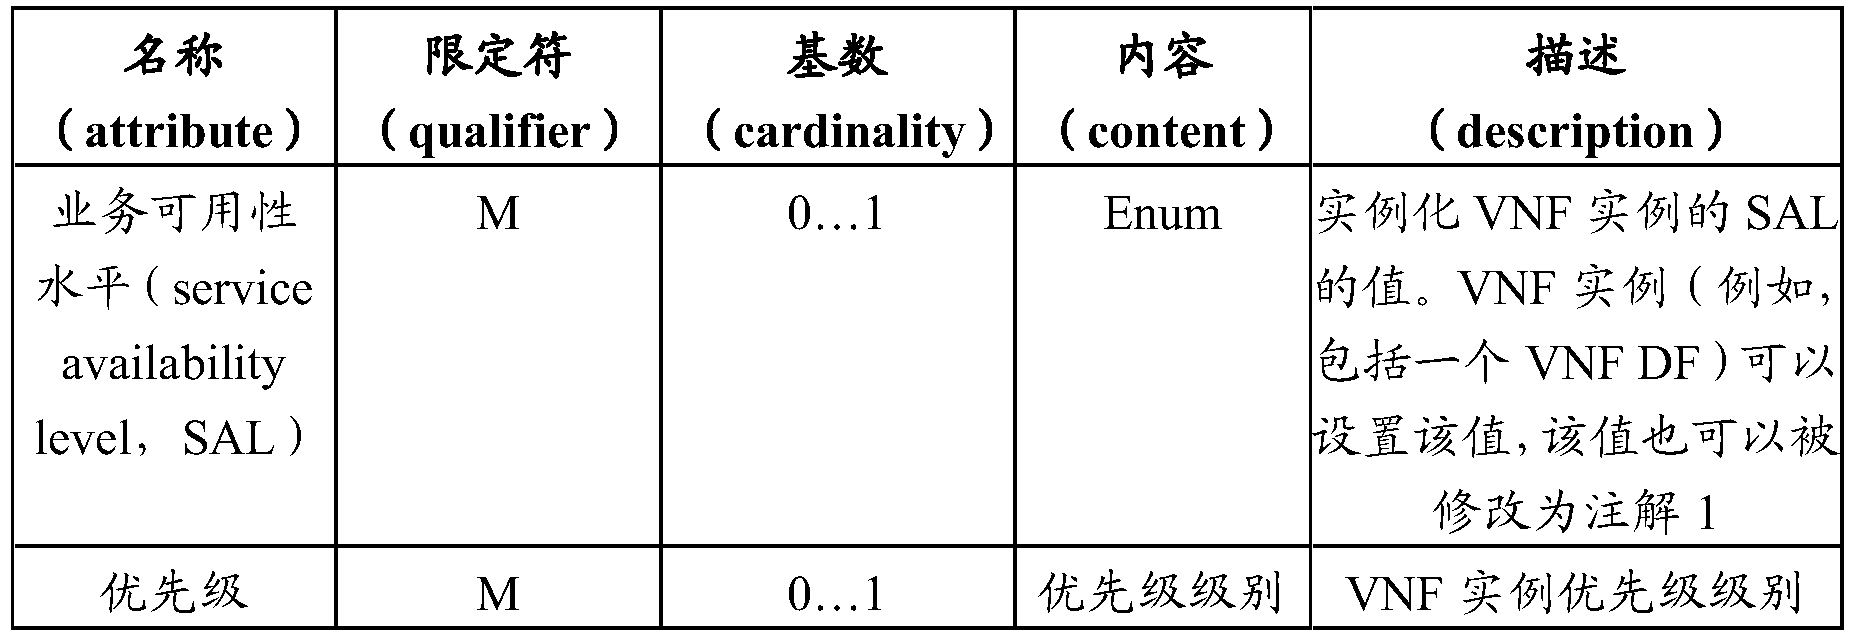 Figure PCTCN2018079150-appb-000007